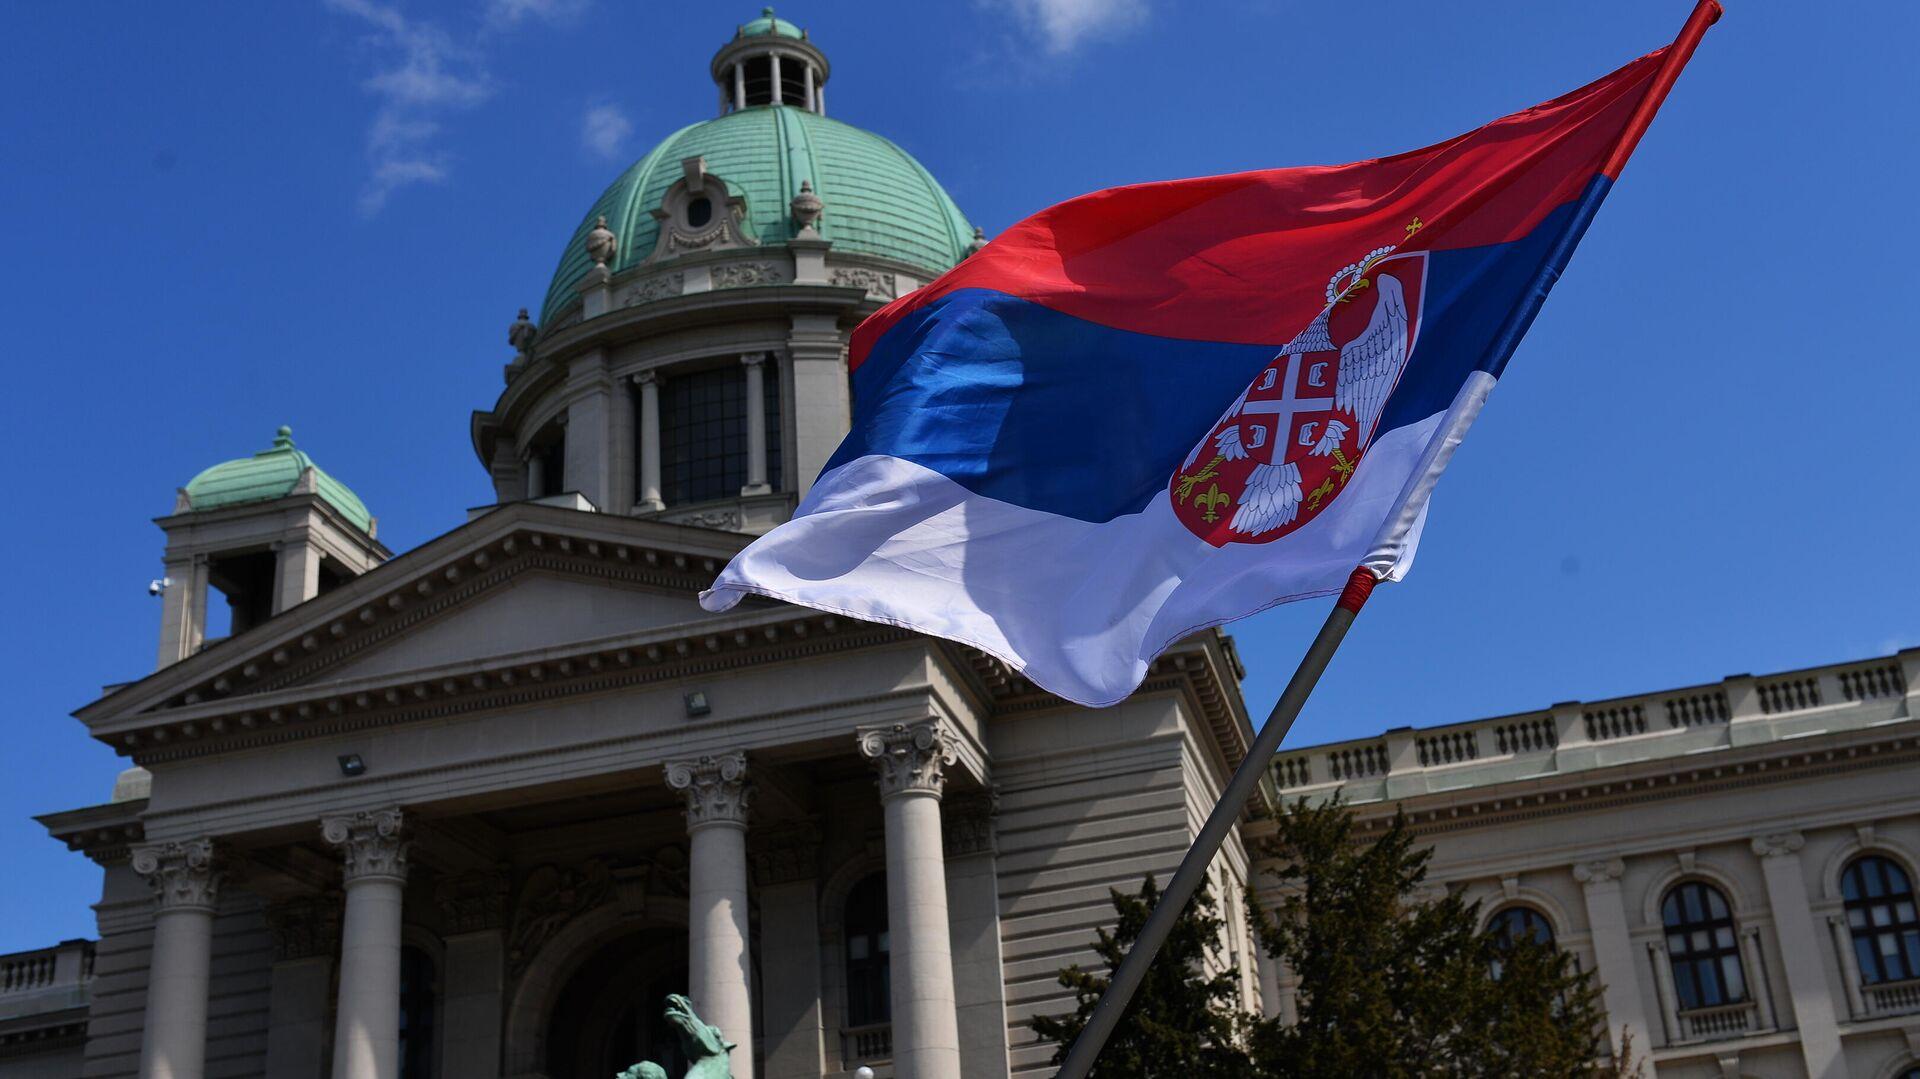 Застава Србије - Sputnik Србија, 1920, 08.09.2021